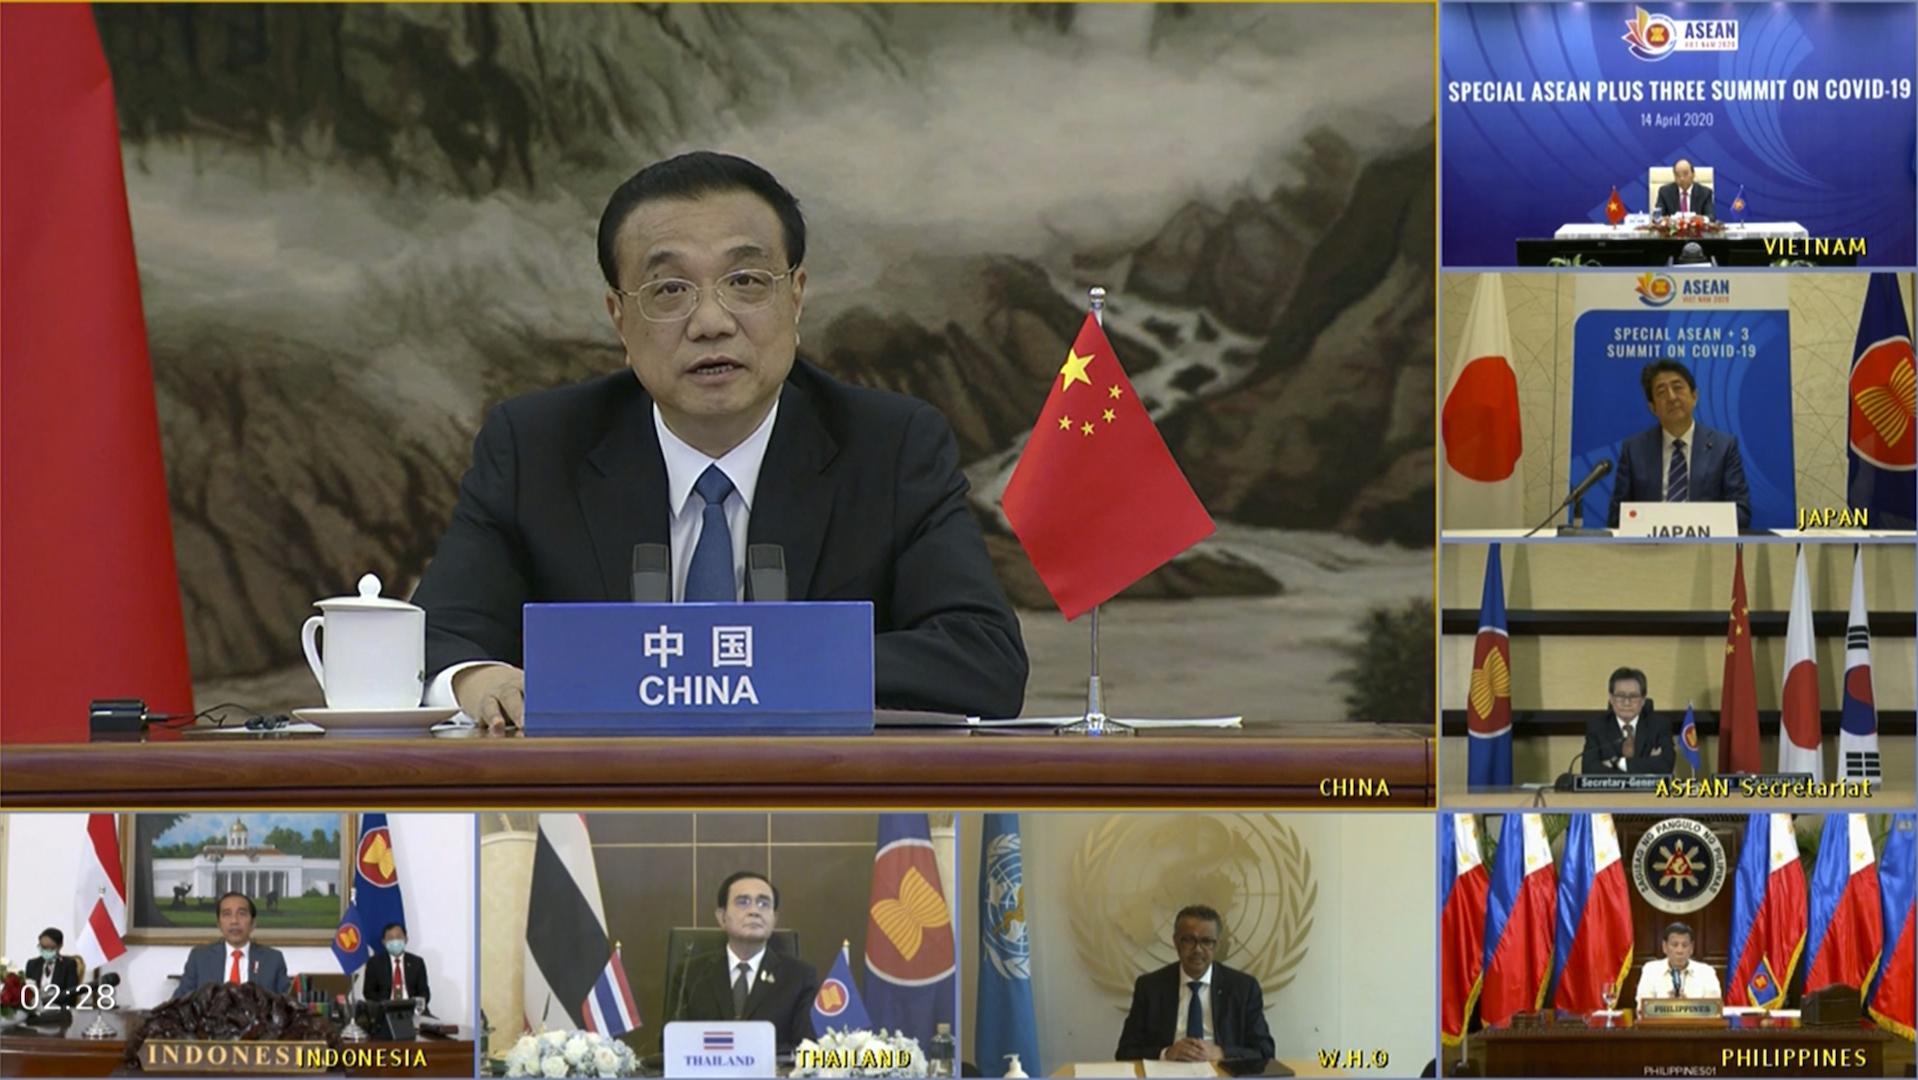 """Le Premier ministre chinois Li Keqiang en visio-conférence pour un sommet virtuel """"ASEAN + 3"""" le 14 avril 2020, avec le président indonésien Joko Widodo, le Premier ministre thaïlandais Prayut Chan-o-cha, le directeur général de l'Organisation mondiale de la Santé (OMS) Tedros Adhanom Ghebreyesus, le Premier ministre japonais Shinzo Abe, le président philippin Rodrigo Duterte, le Premier ministre vietnamien Nguyen Xuan Phuc et secrétaire général de l'ASEAN Lim Jock Hoi. (Source : The Diplomat)"""